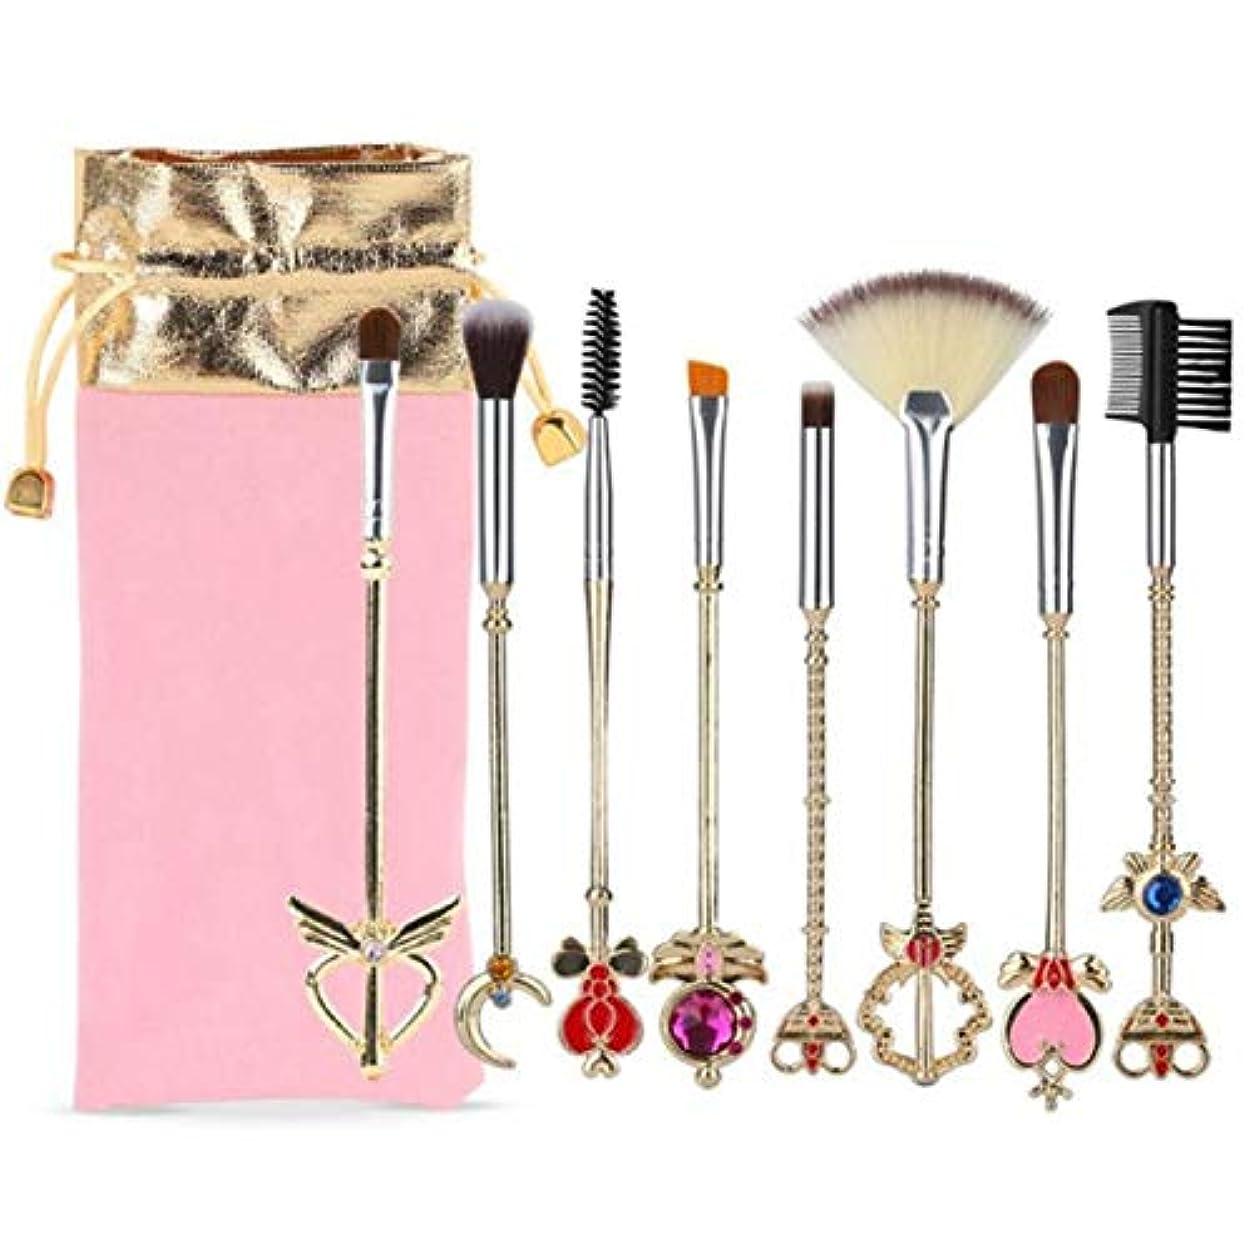 優越生き残りトーストサリーの店 効果的な8 PCセーラームーン化粧ブラシは、ポーチ、魔法の女の子ゴールドcardcaptor桜の化粧品ブラシとセットをドローストリングバッグ